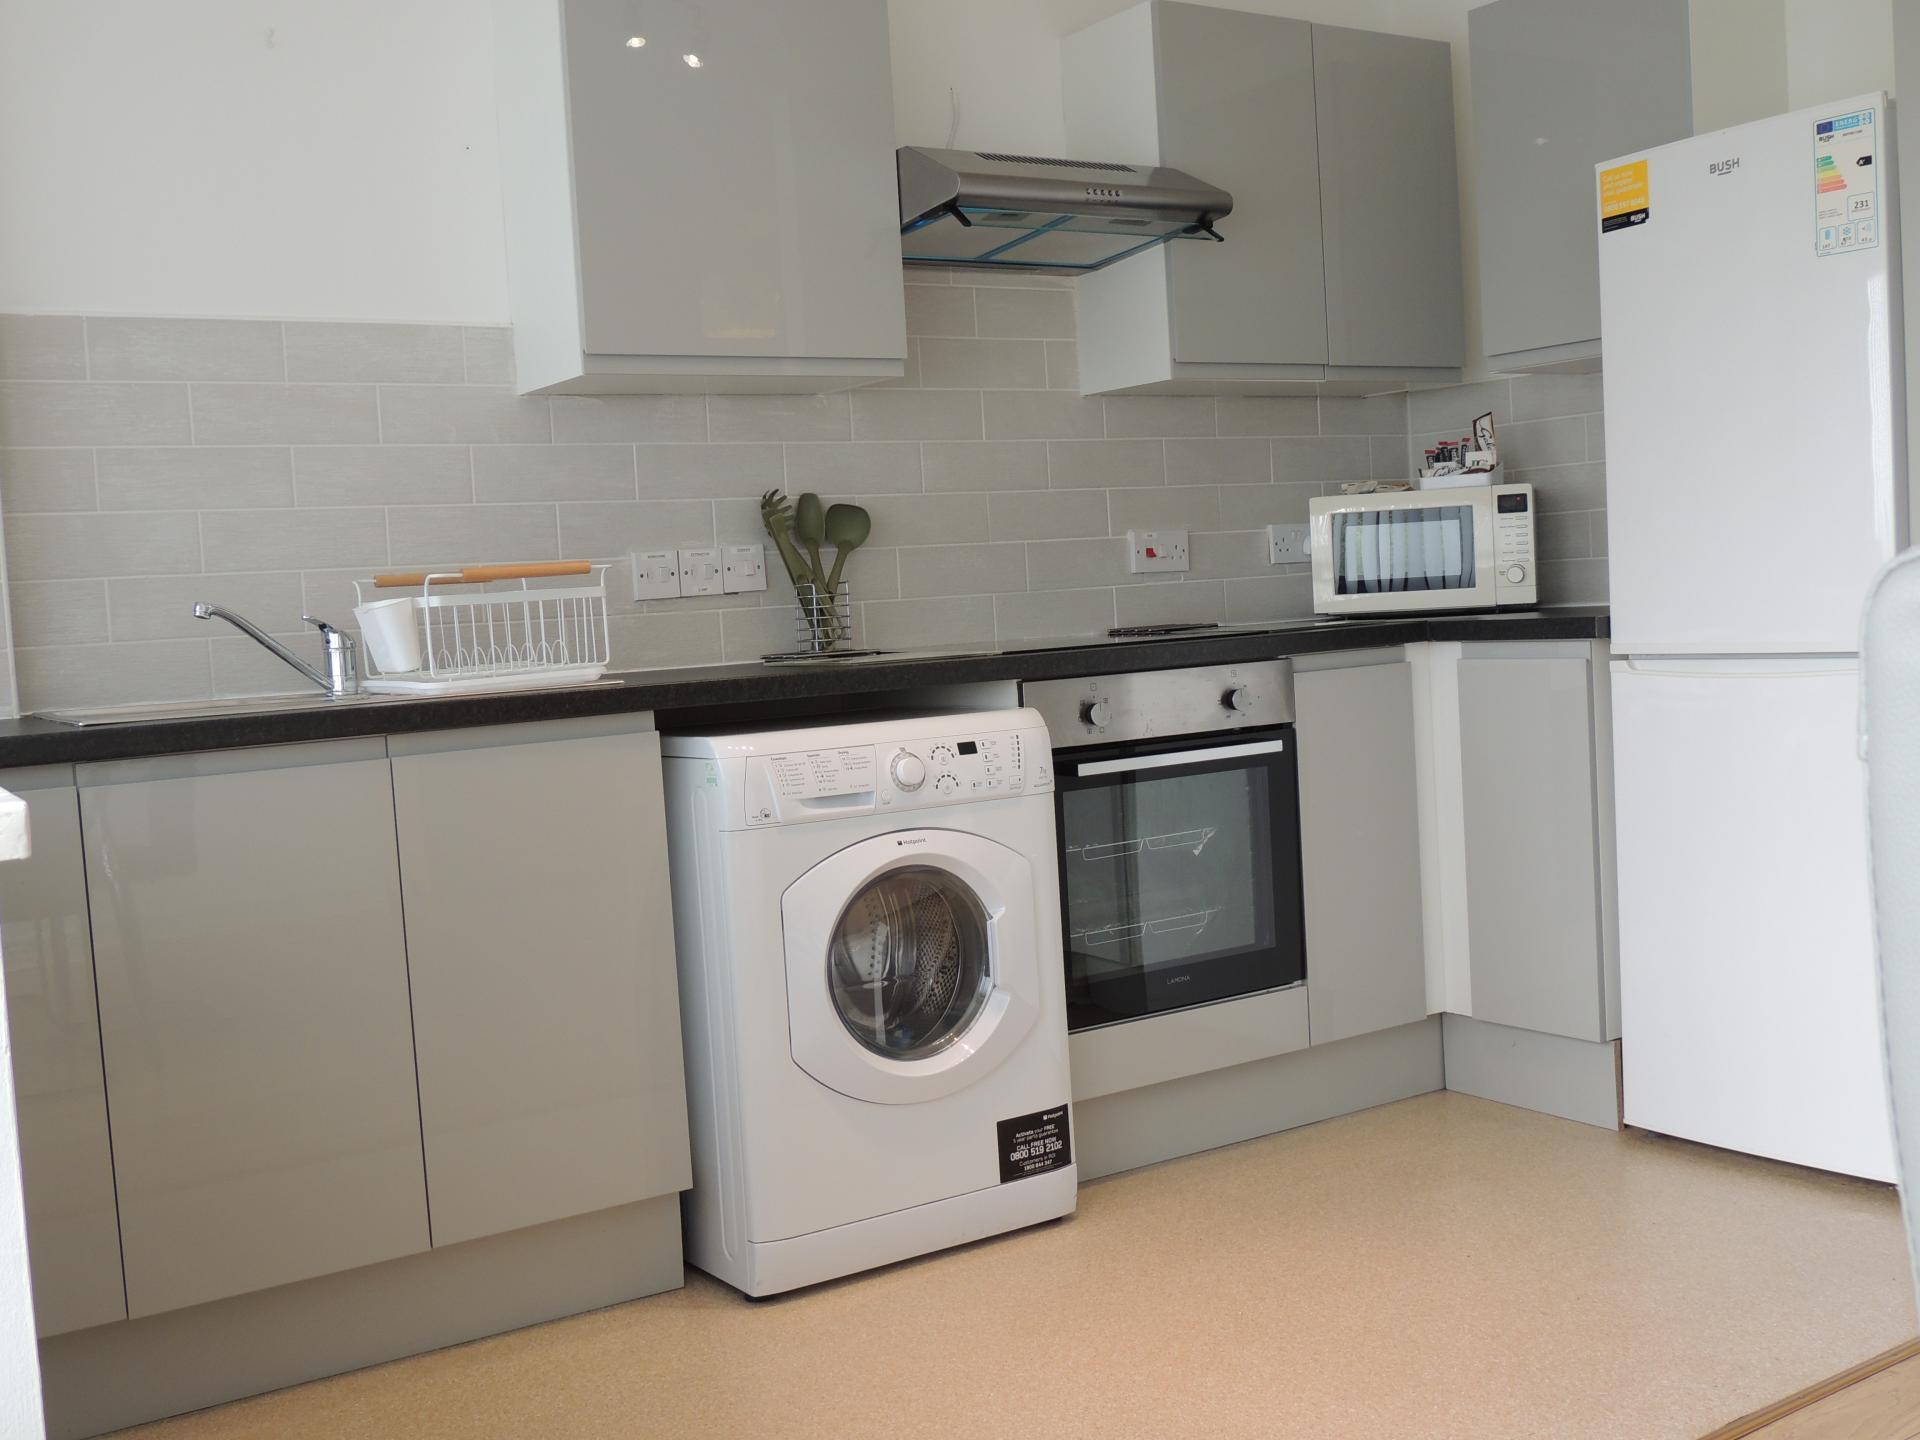 Washing machine at South Row Apartments